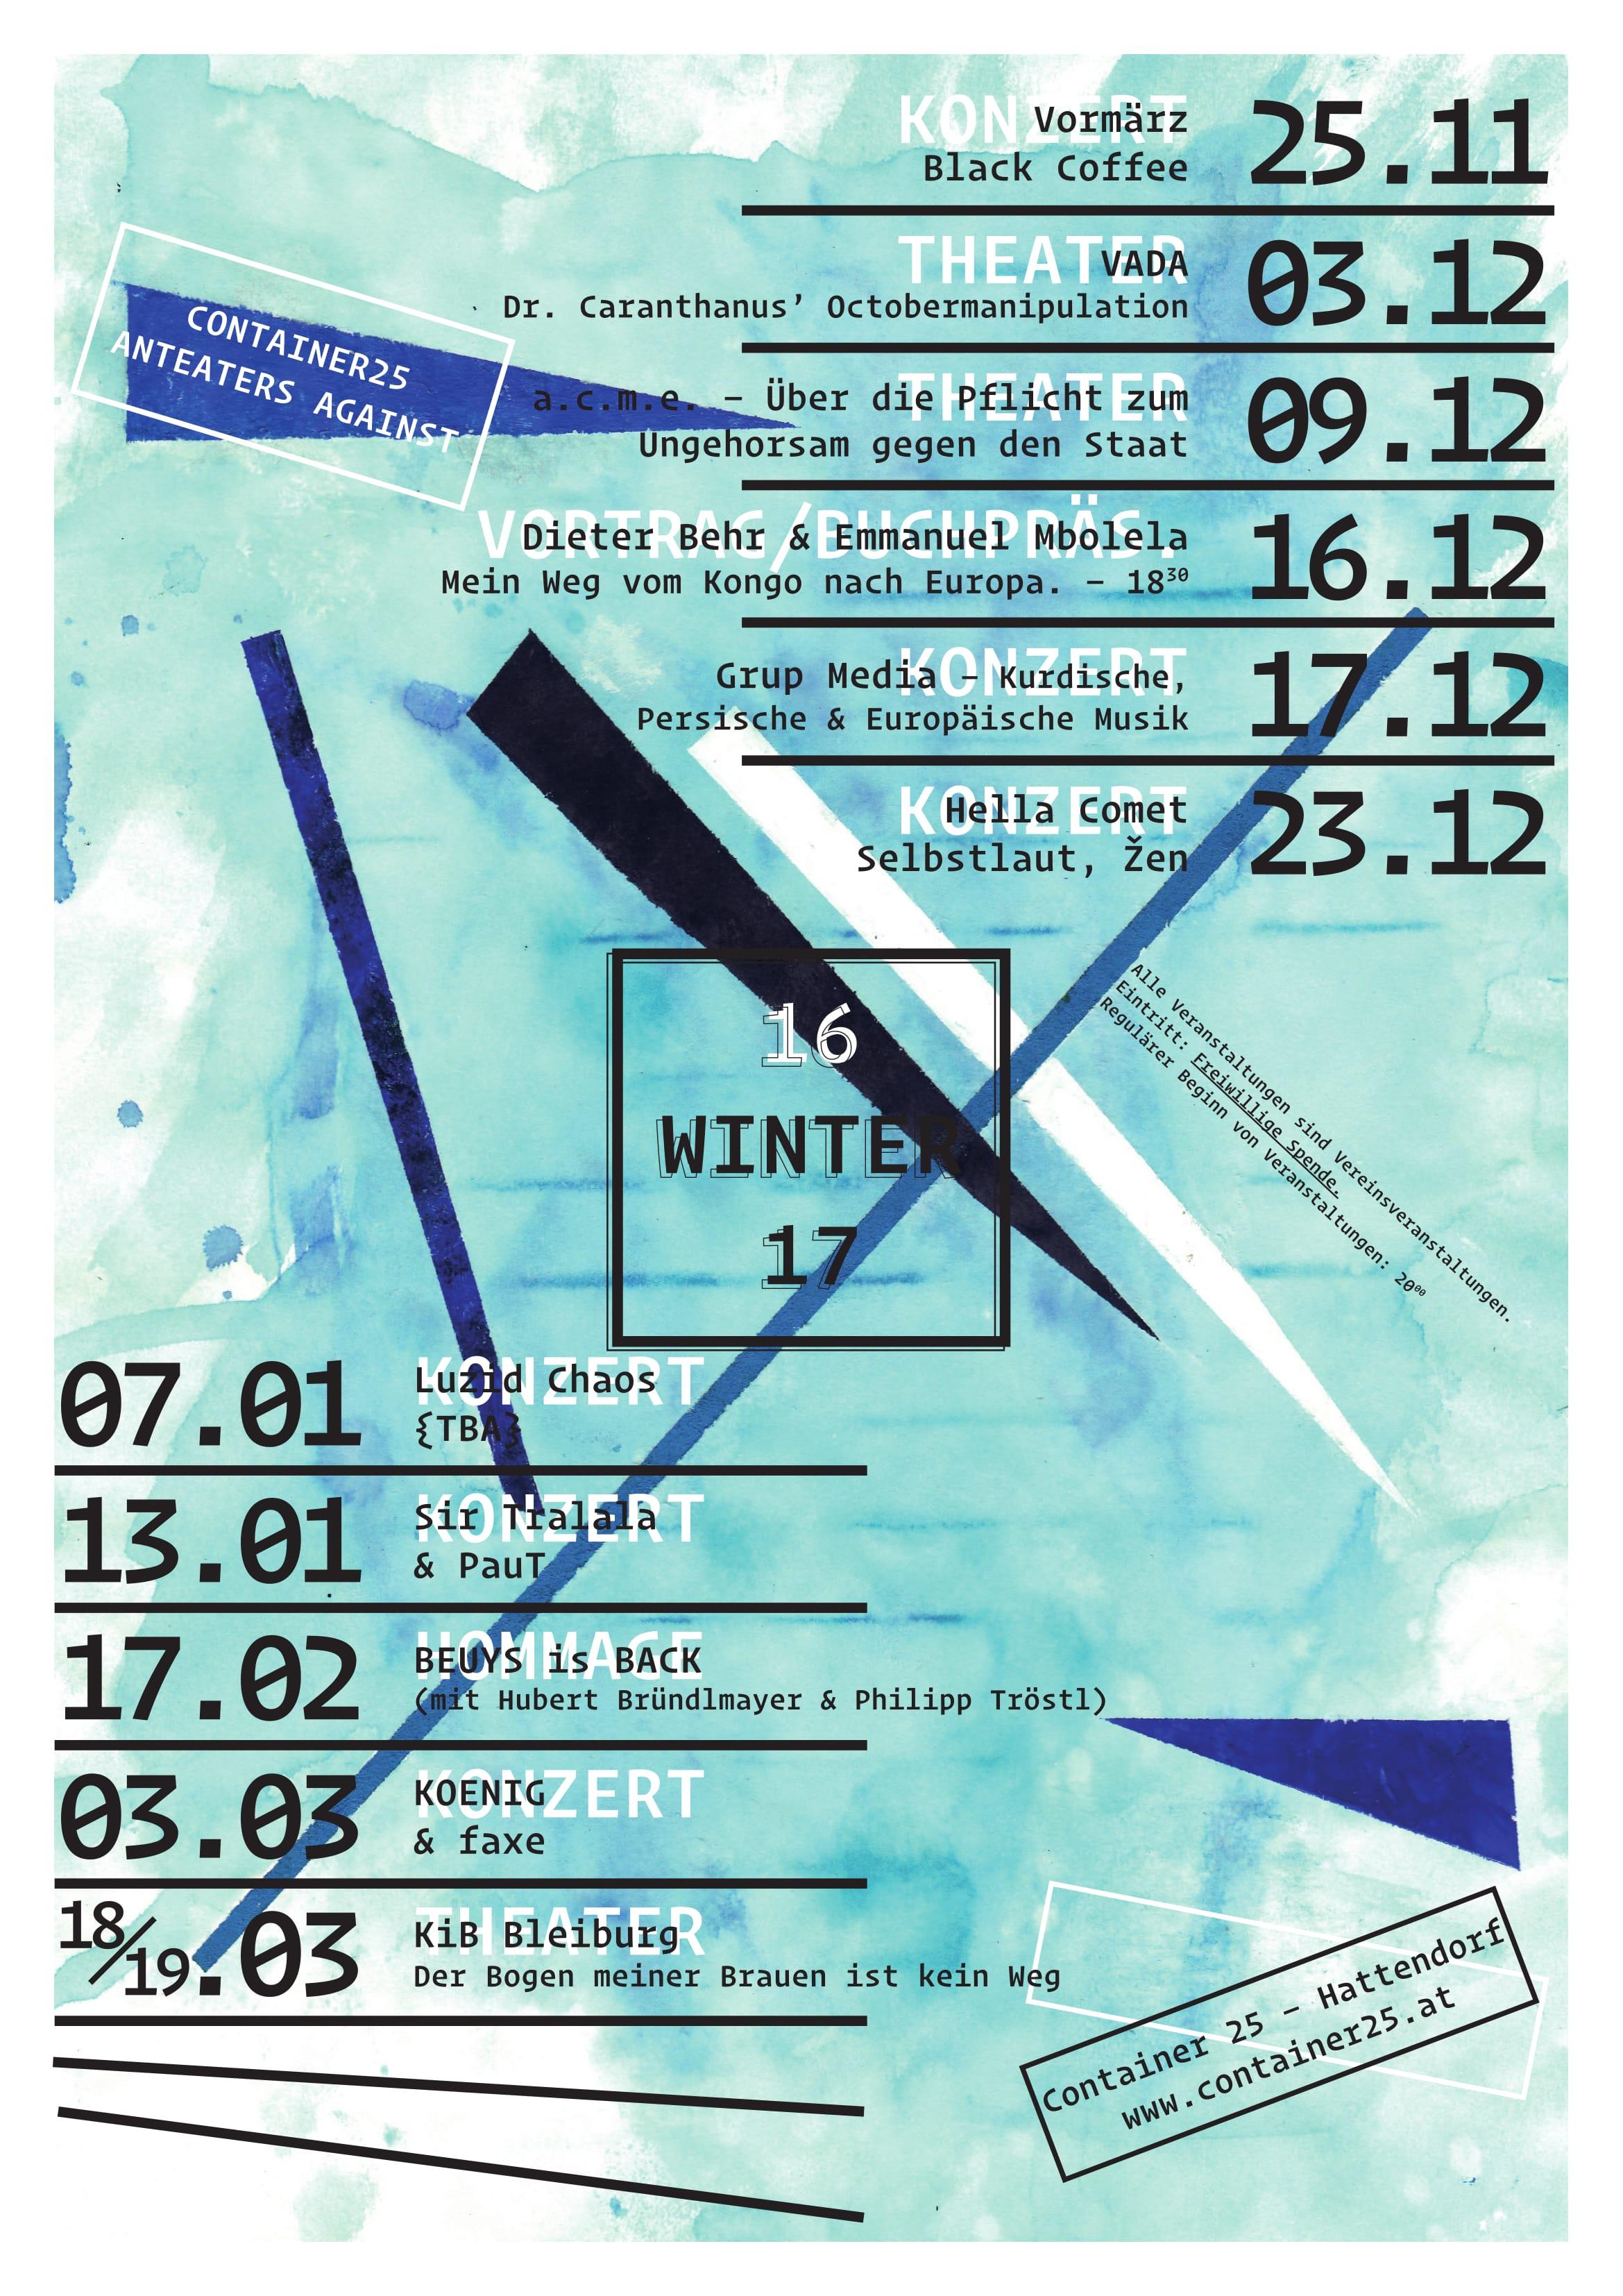 container25_anteatersagainst_winterprogramm2016